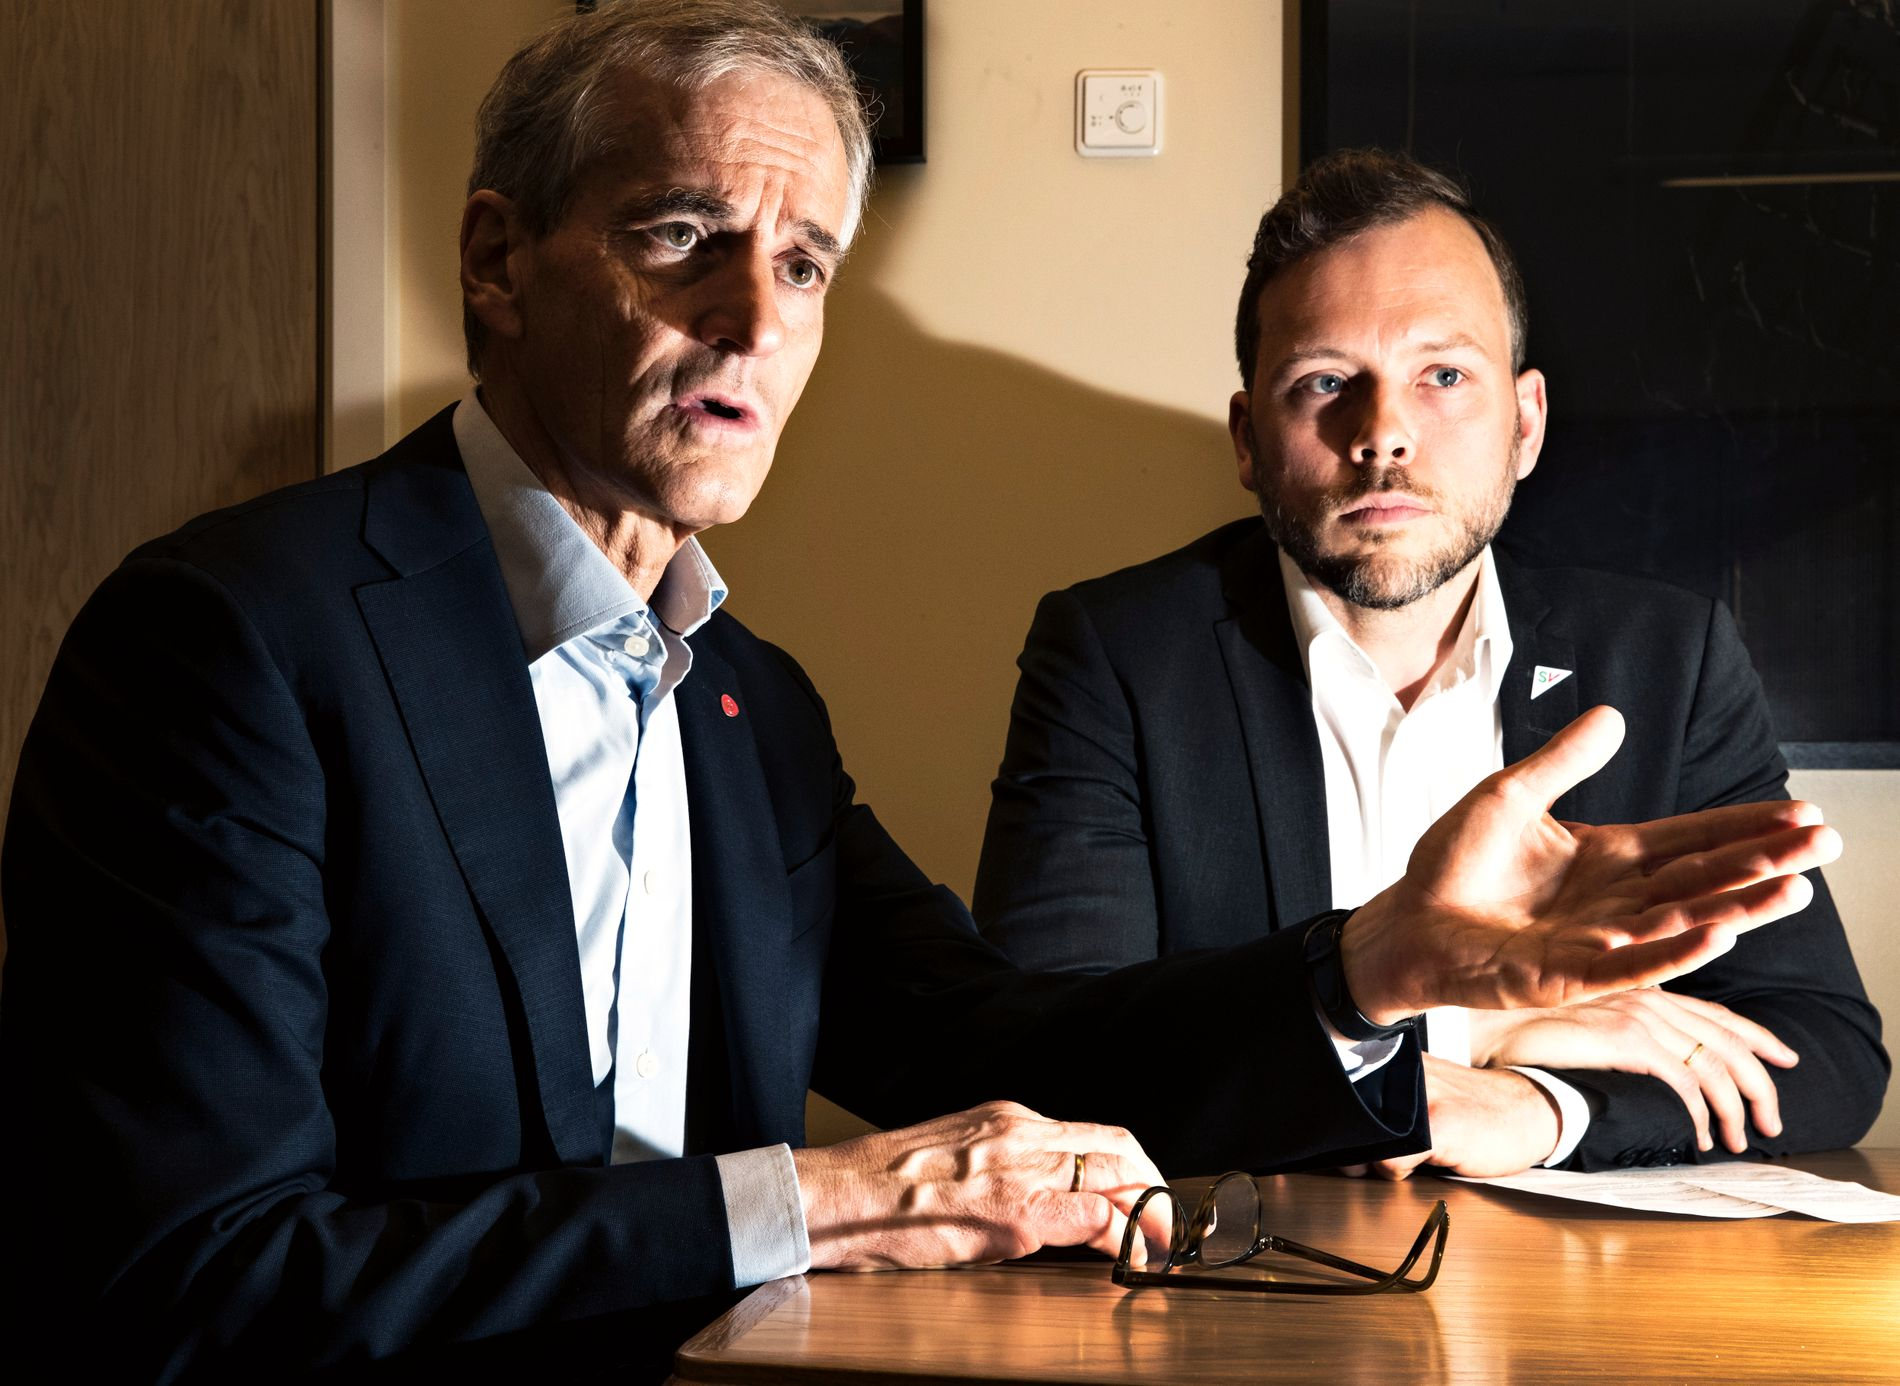 LØSARBEIDER-KAMP: Ap-leder Jonas Gahr Støre og SV-leder Audun Lysbakken sier studenter, deltidsarbeidere og folk i vikariater bør ha krav på pensjon for jobben de gjør.